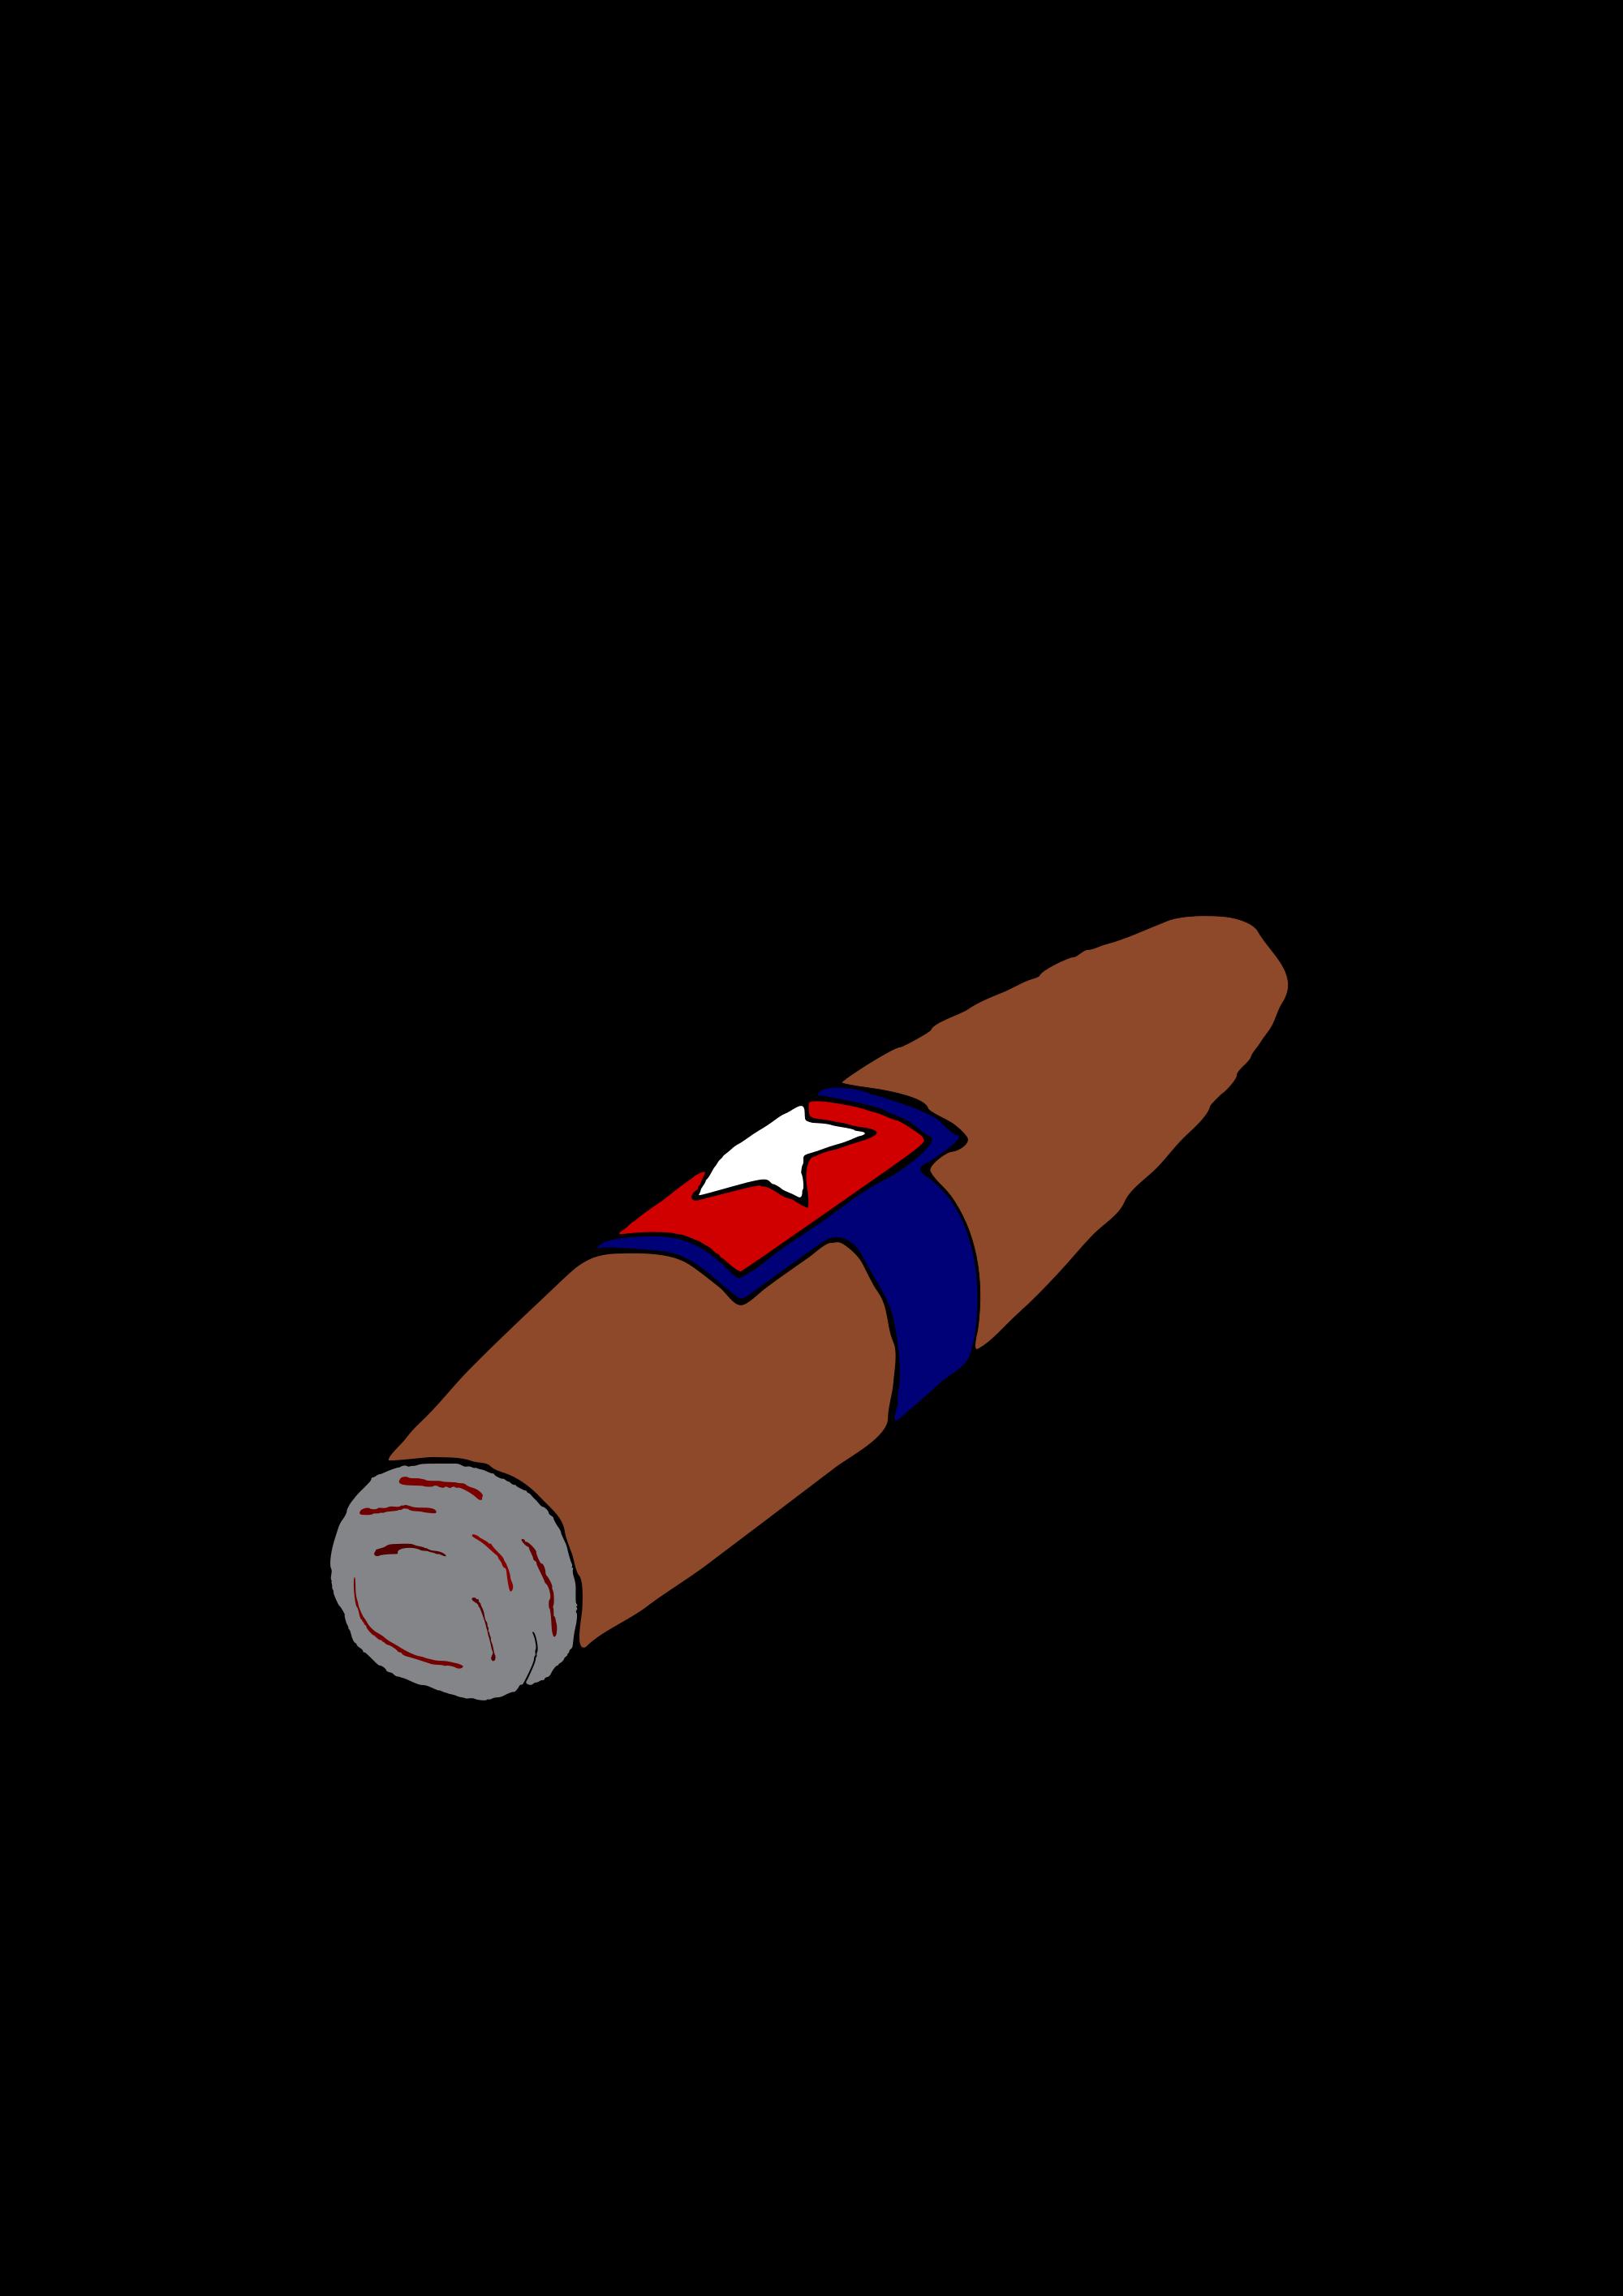 Free Cigar Cliparts, Download Free Clip Art, Free Clip Art.